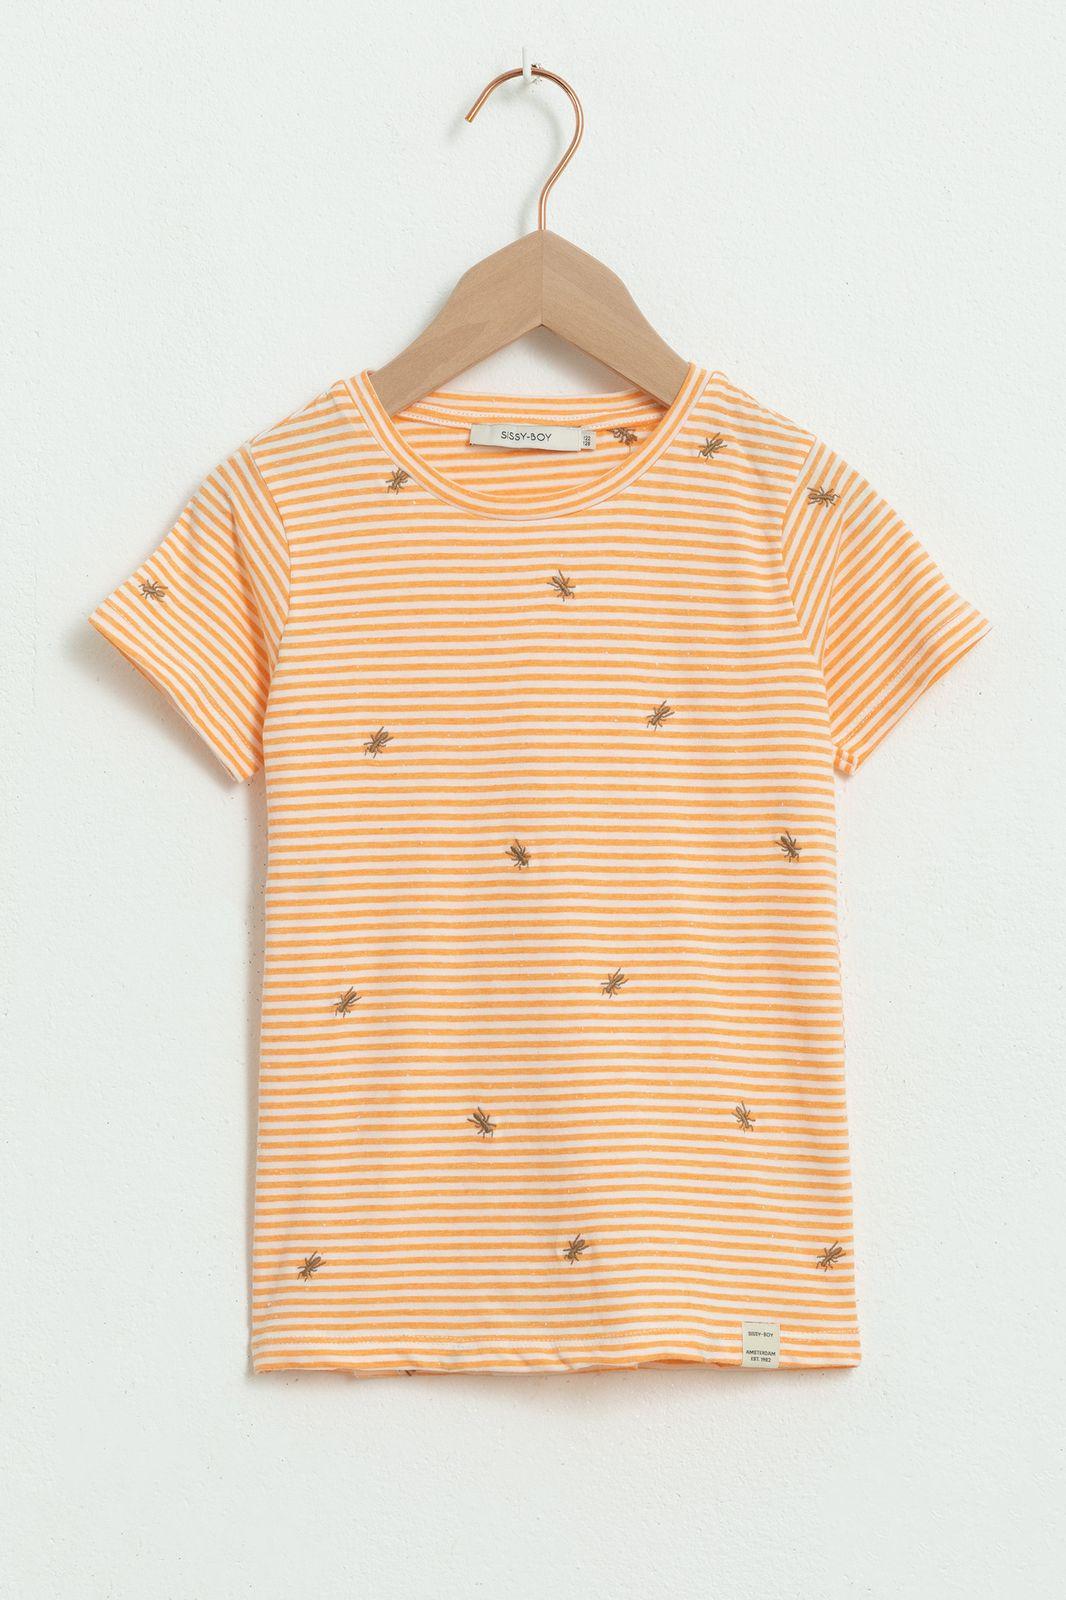 Oranje gestreept T-shirt met korte mouw en mieren borduursels